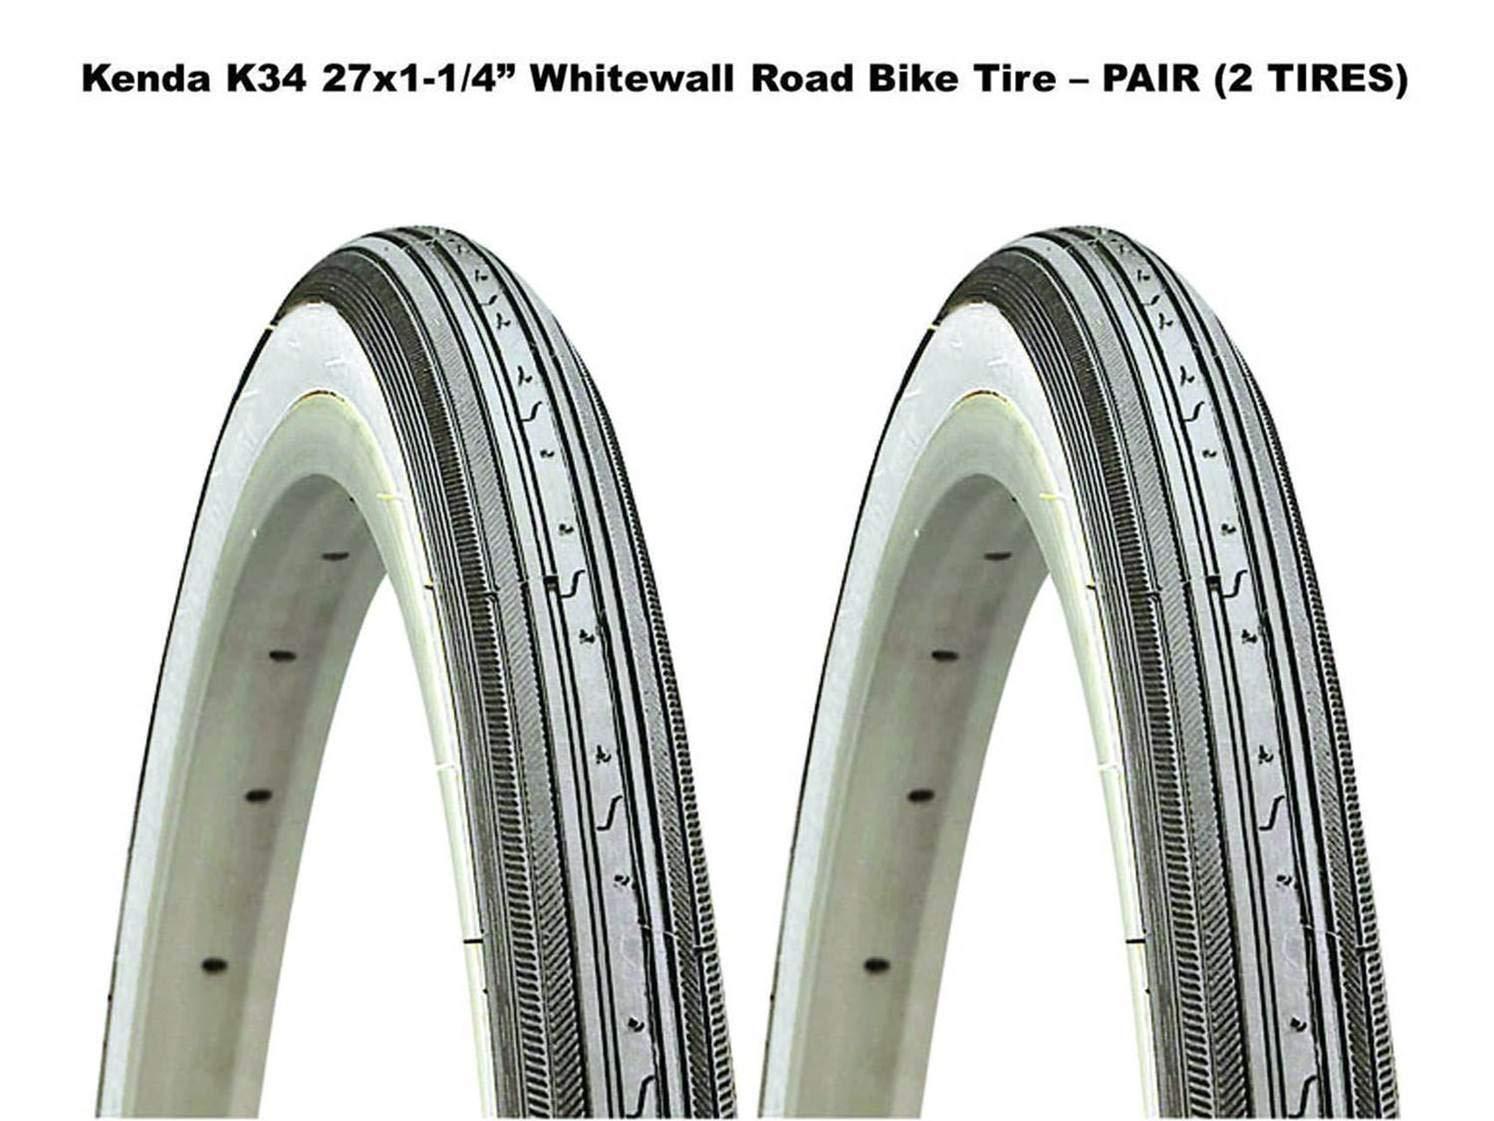 Kenda K34 27 x 1-1/4インチ ホワイト ウォール ロードバイクタイヤ ワイヤービーズ ペア (2タイヤ)   B07FH84RY8